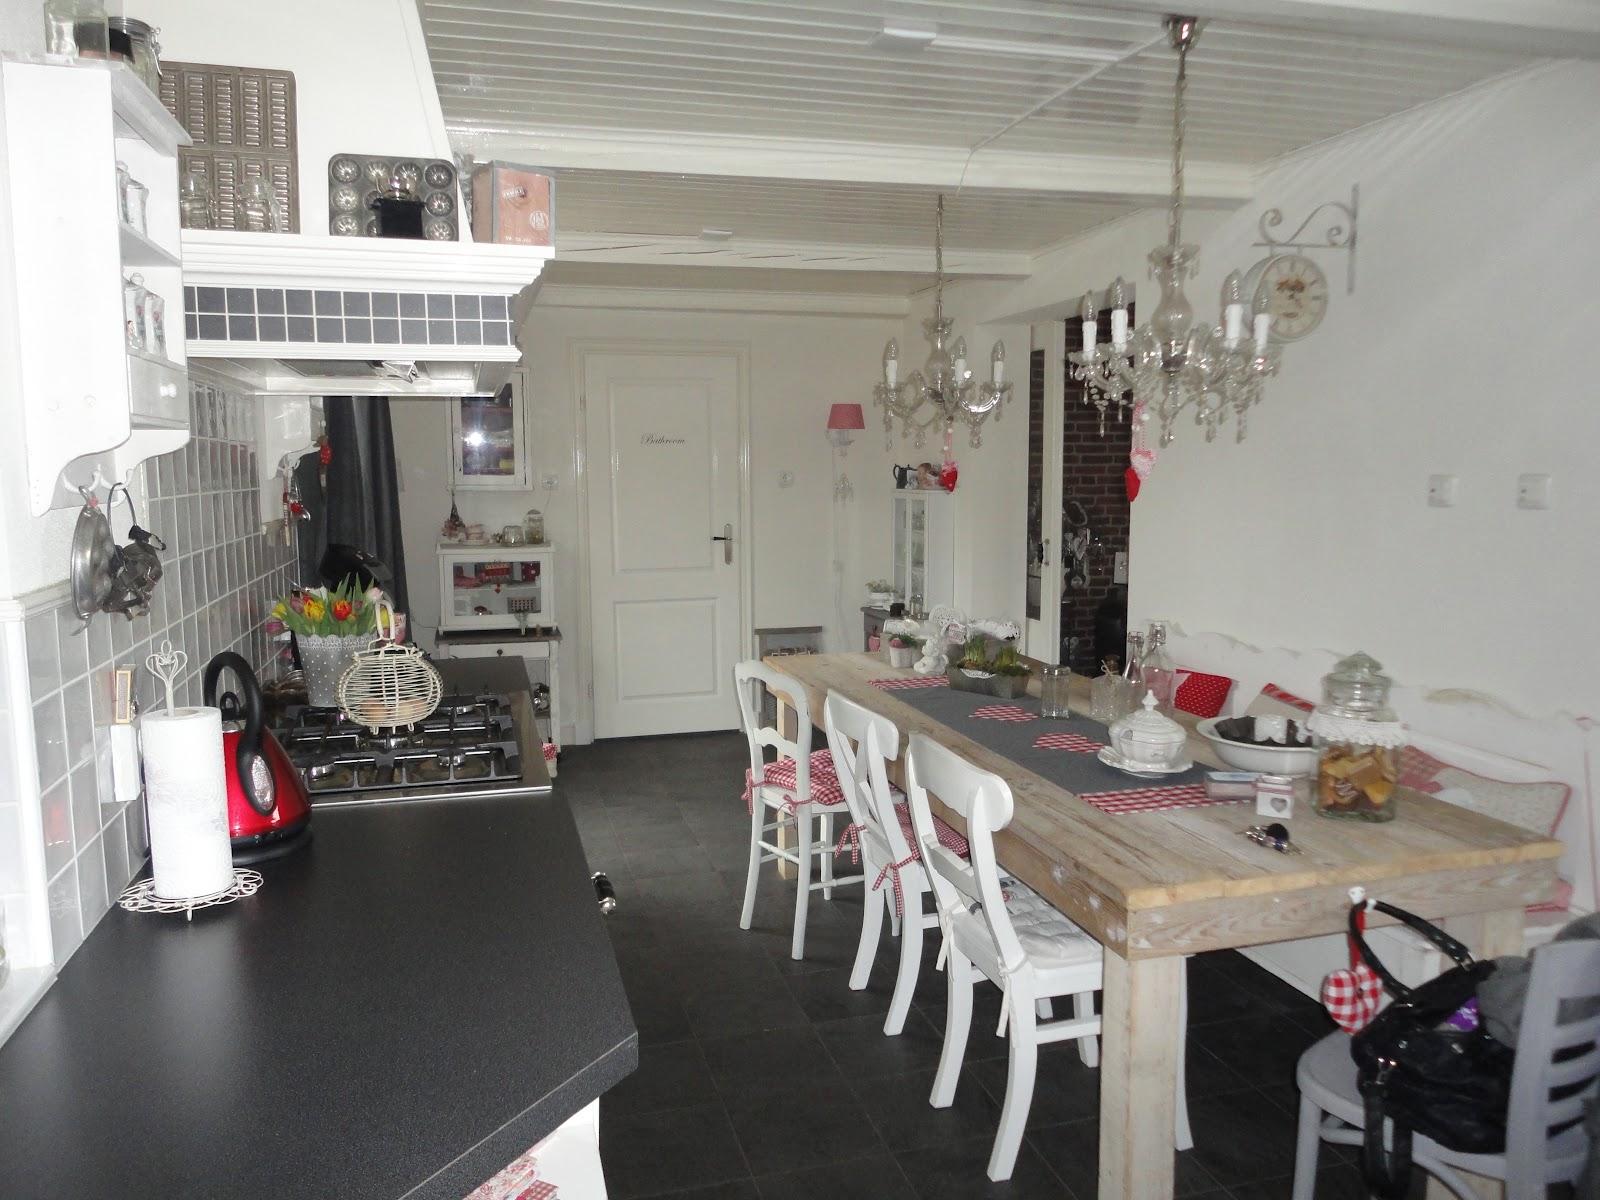 brocante keuken hangkastjes : Brocante Keuken Awesome Keuken En Kookboeken With Brocante Keuken